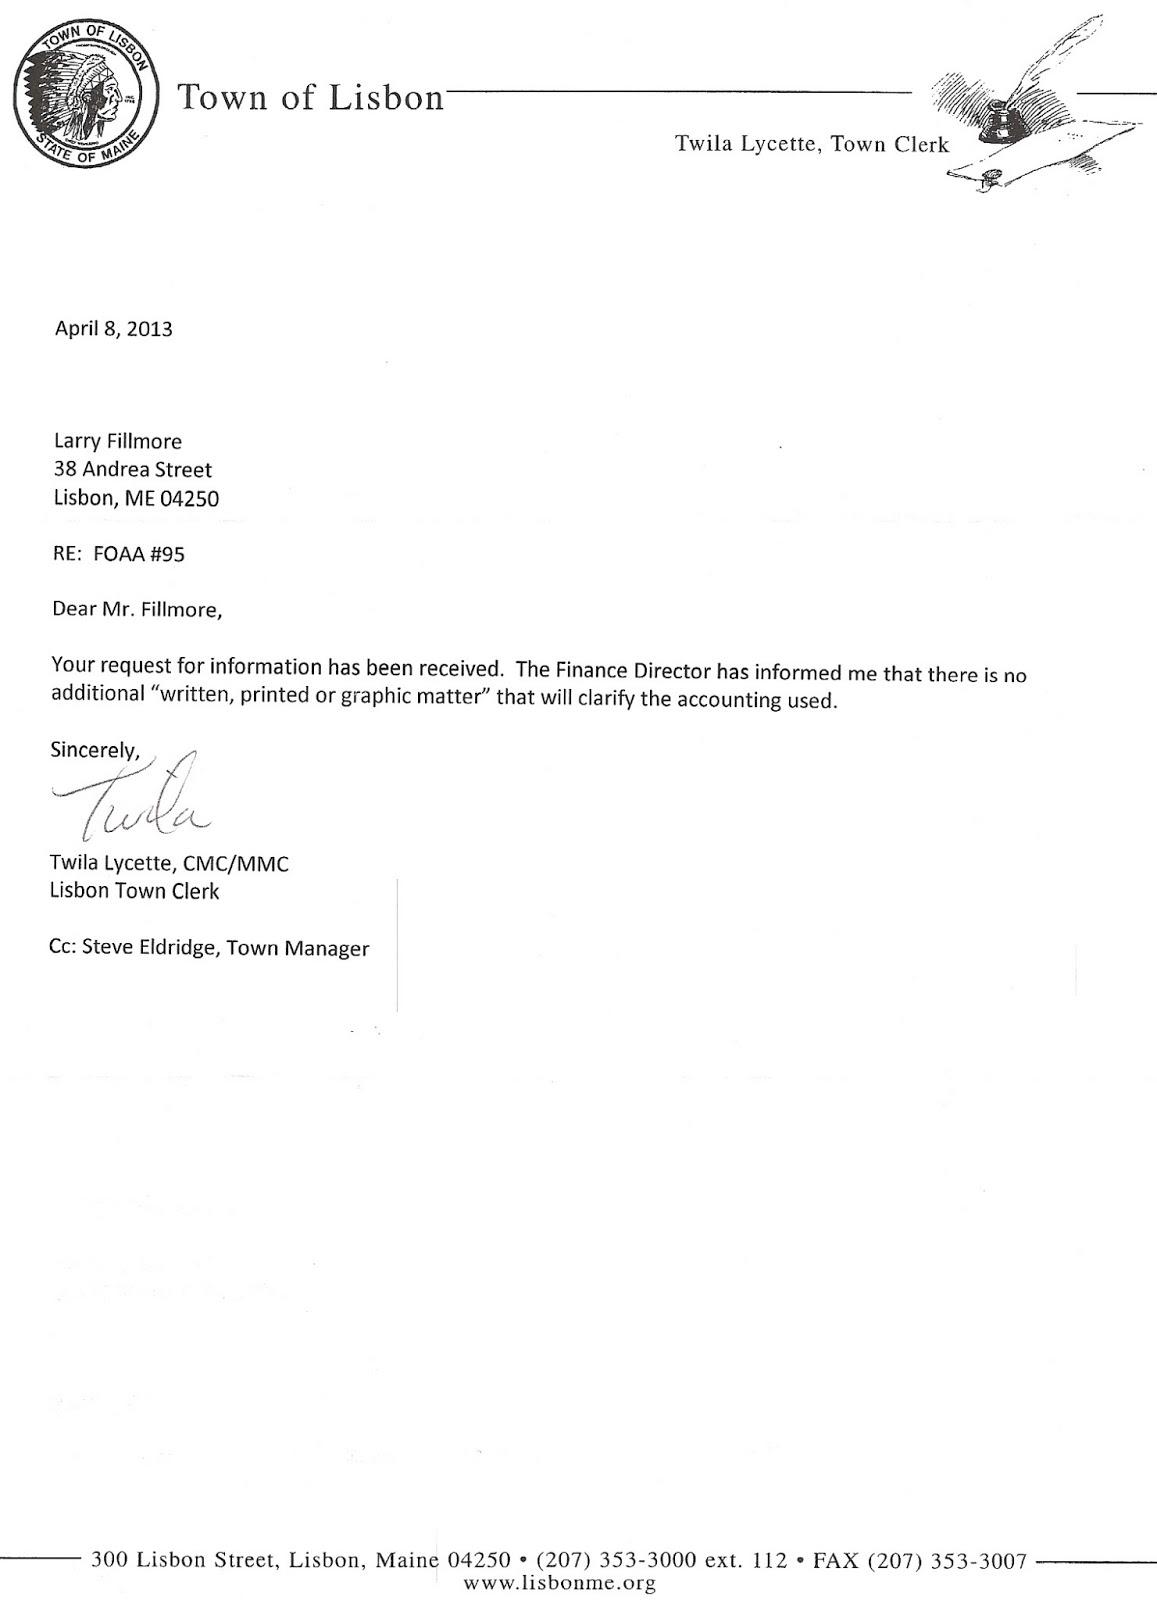 Admitting Clerk Cover Letter | Application Letter For A Clerk Job